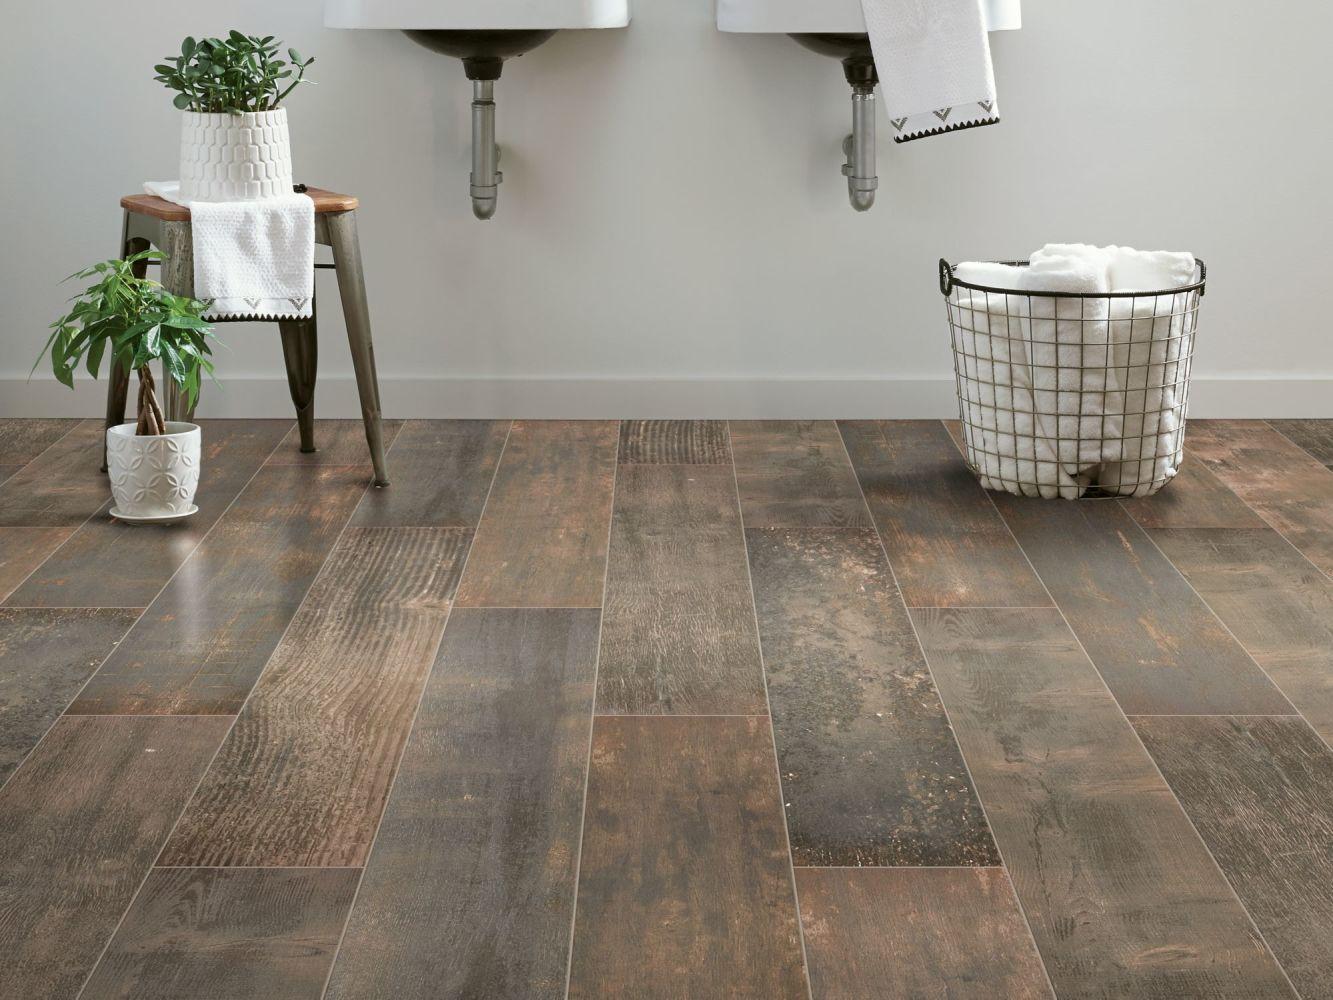 Shaw Floors Charwood 2.5×16 Burned 00719_TG29D